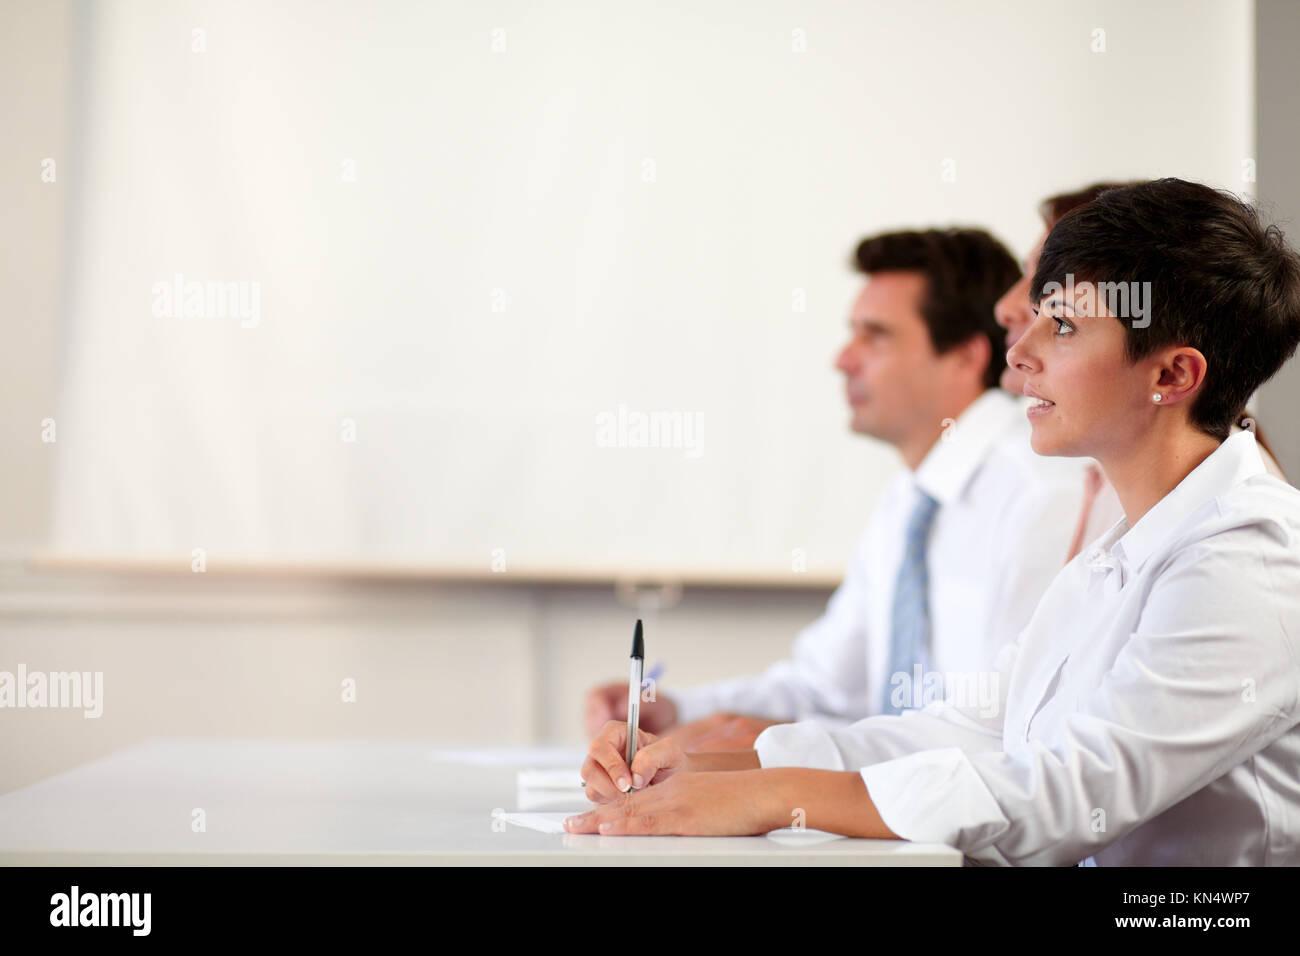 Ritratto di un grazioso executive ispanica guardando la presentazione di fronte a un collega per office background Immagini Stock